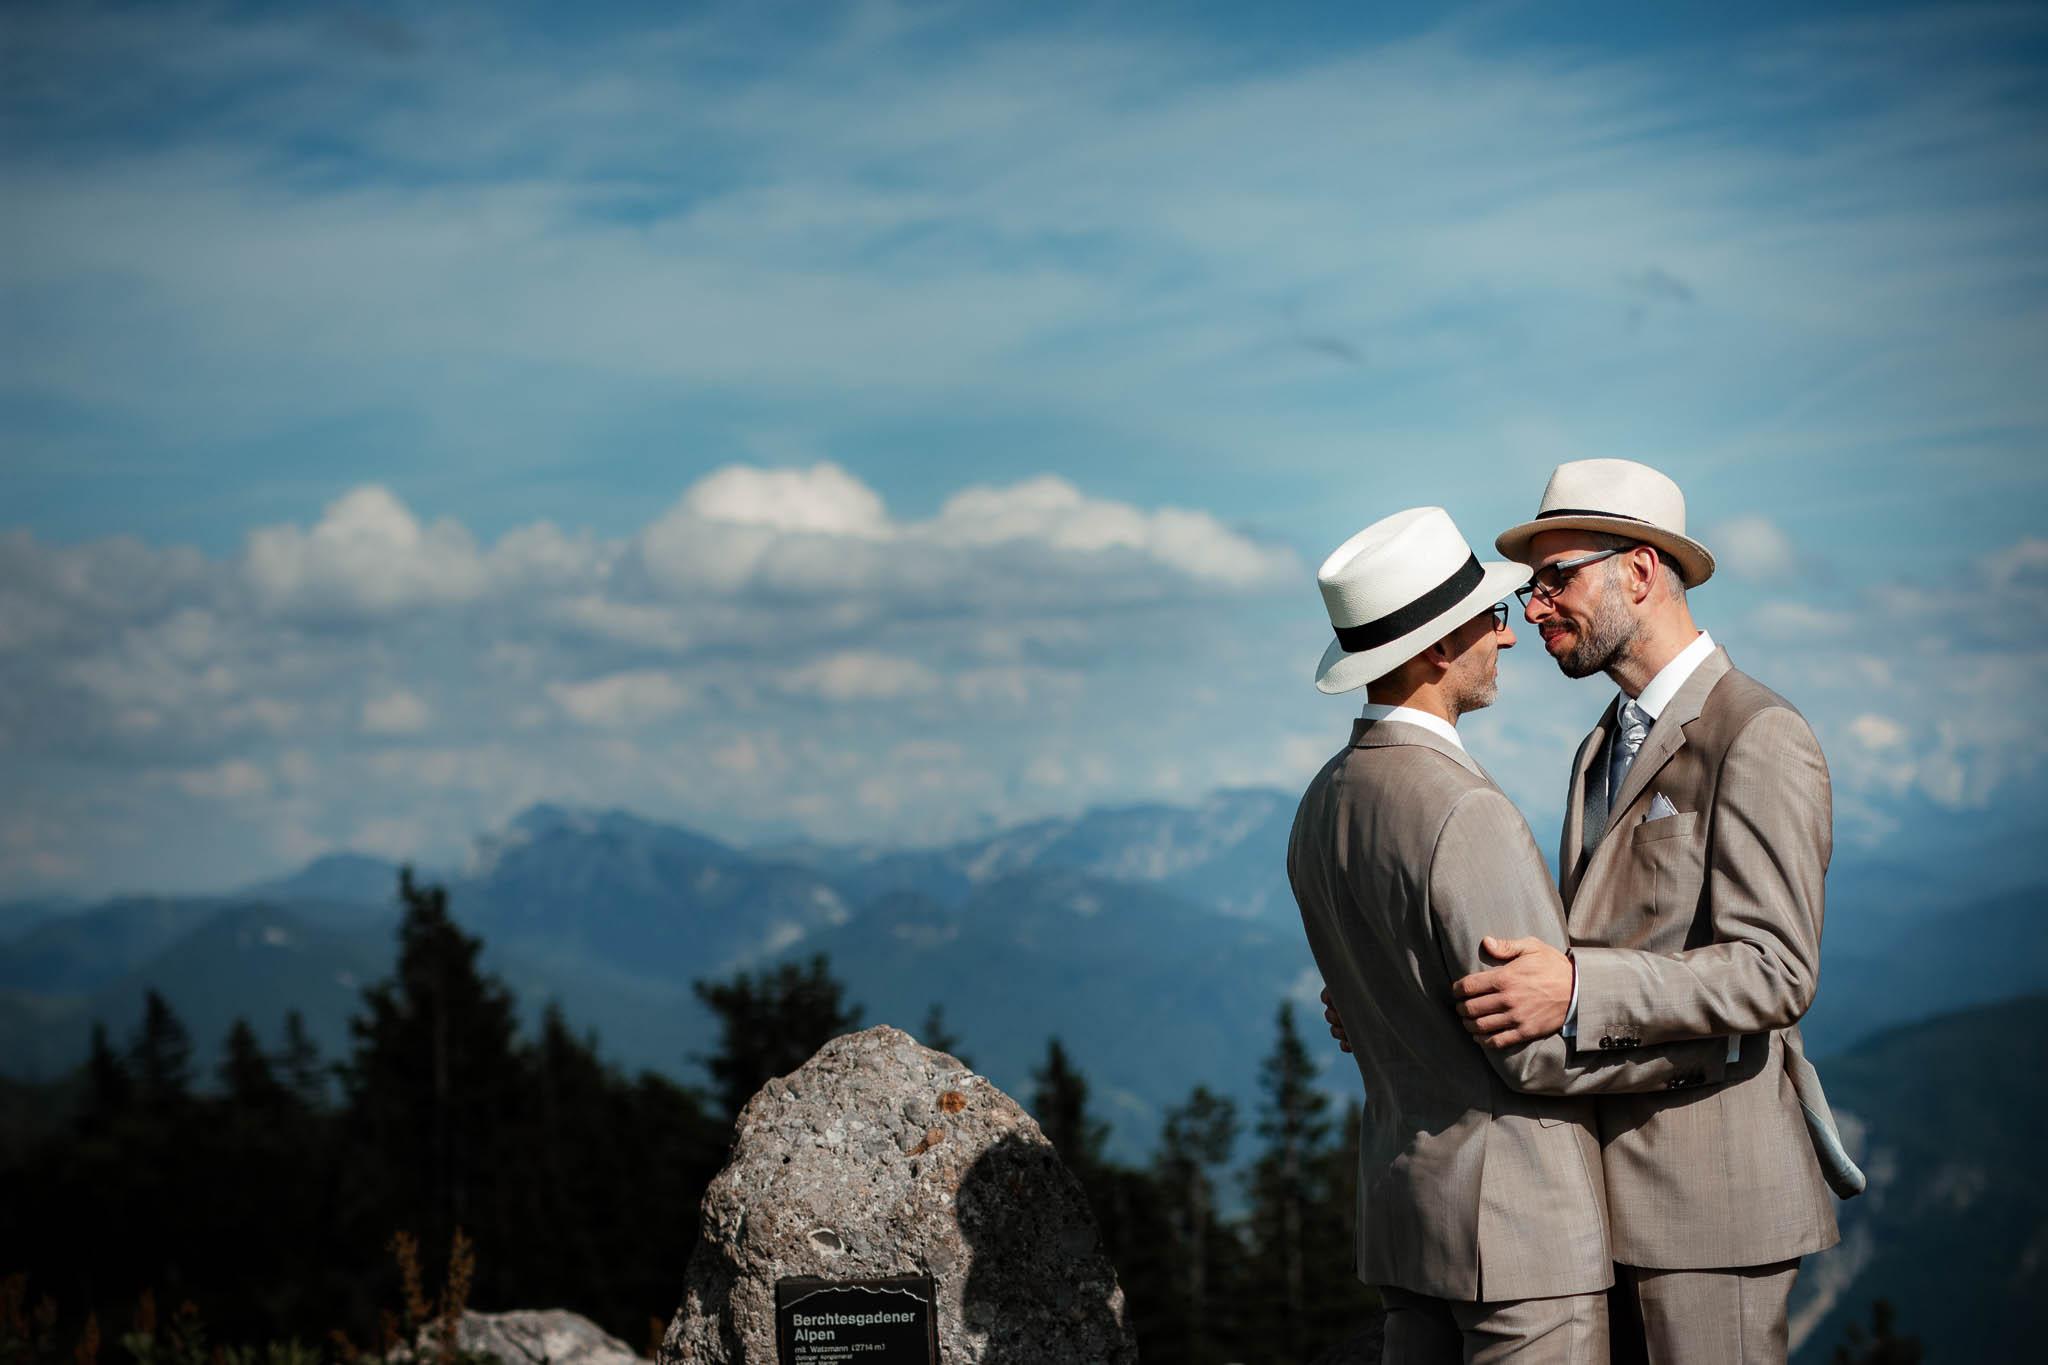 Hochzeitsfotograf Alpen, Chiemgau: freie Trauung von Dennis & Dirk 52